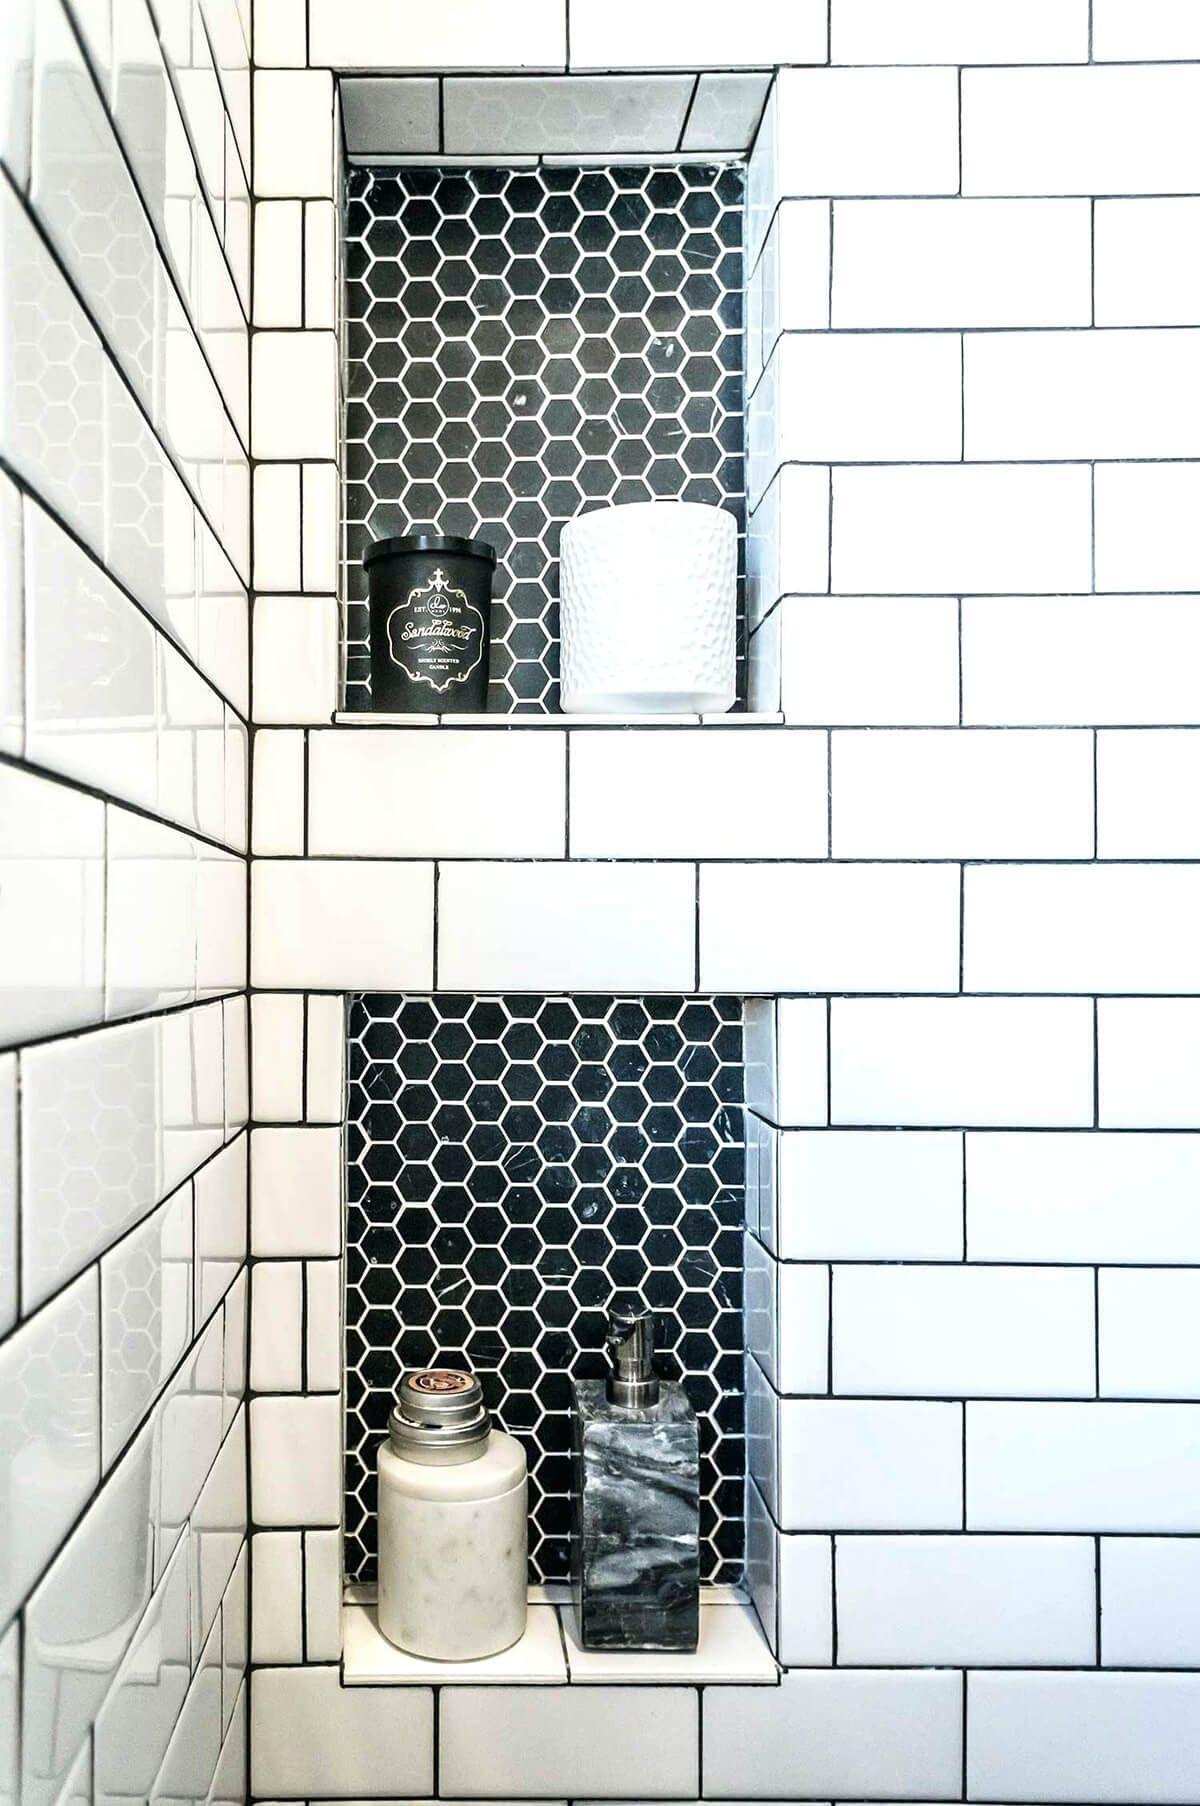 25 Brilliant Built-in Badezimmer Regal und Storage-Ideen zu halten Sie mit Stil organisiert #neuesdekor